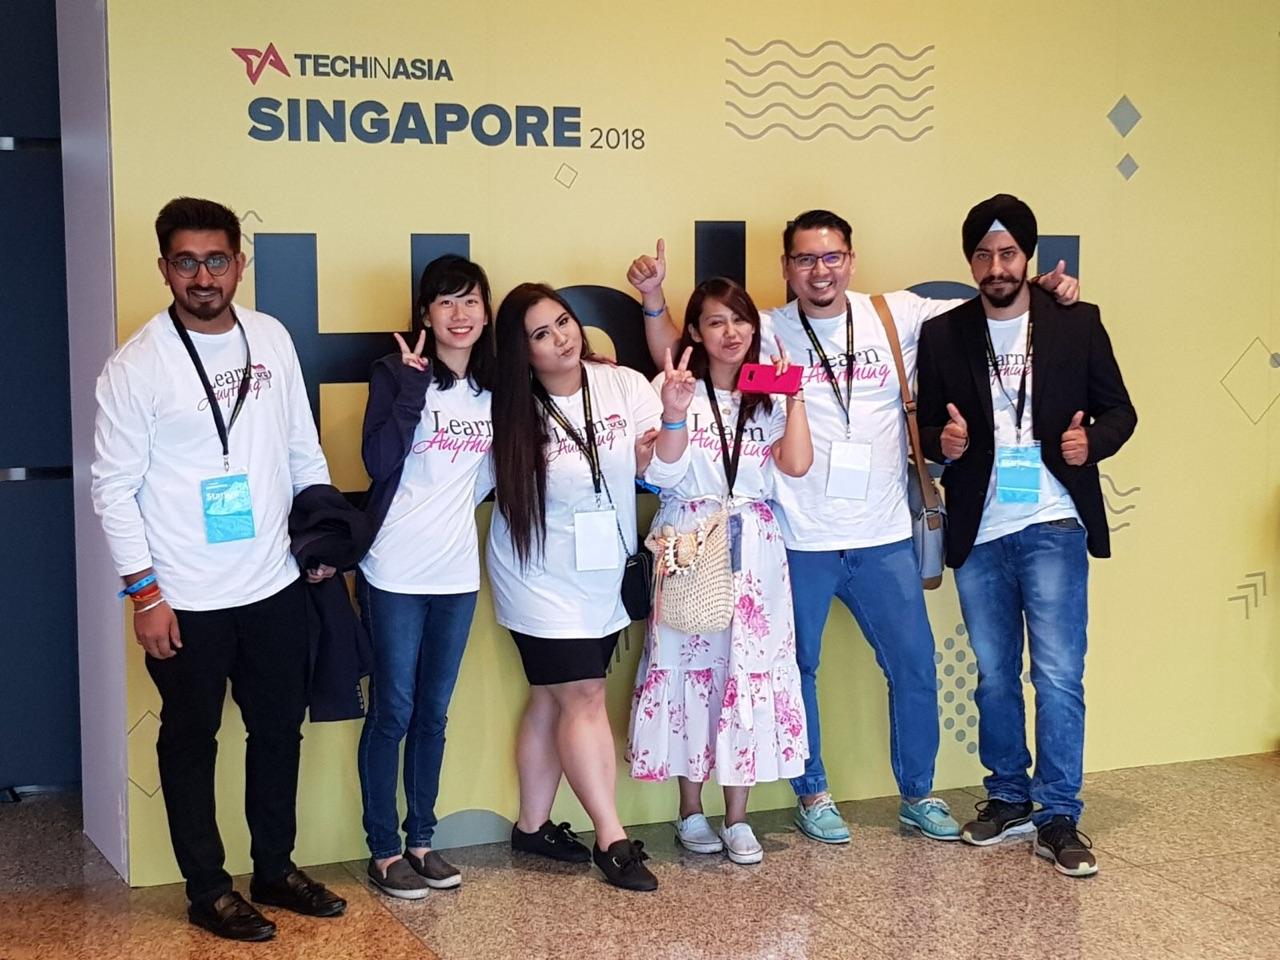 Client's Visit Singapore